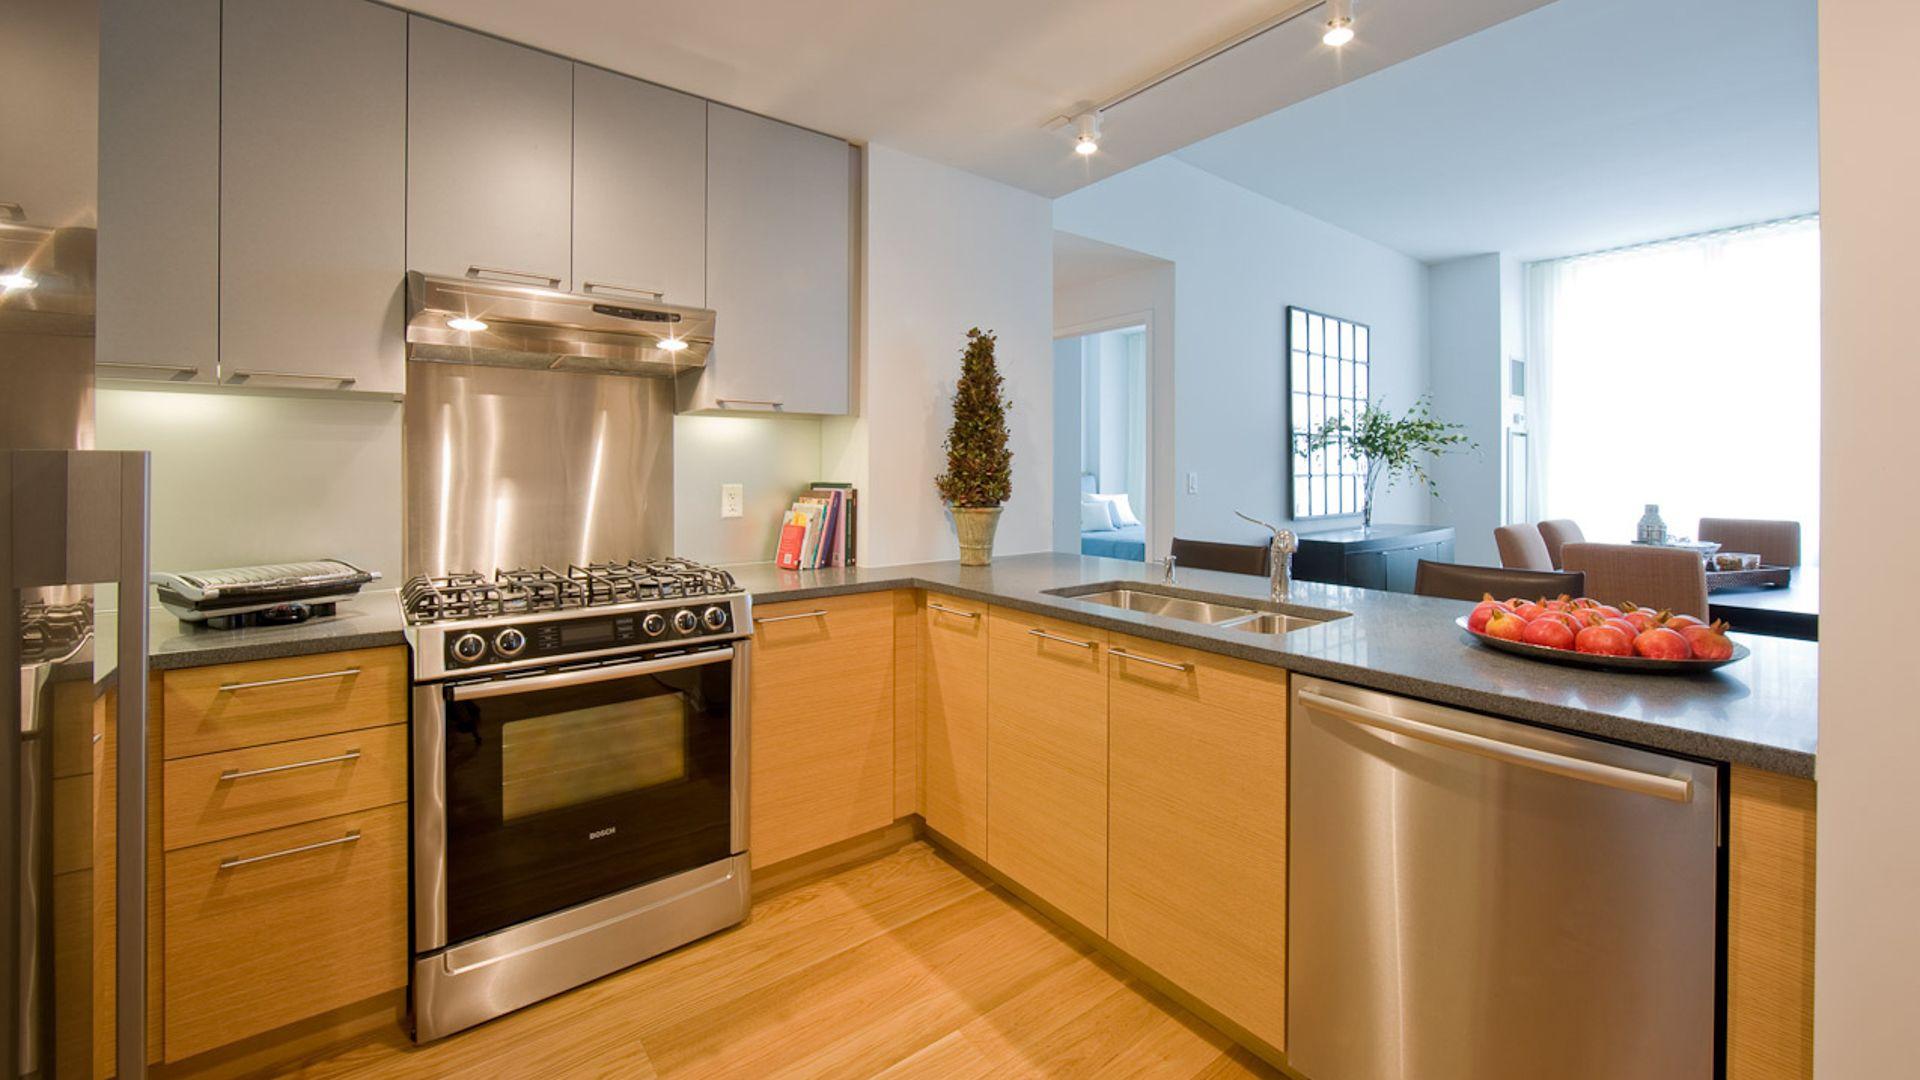 Apartments third square apartments - kendall square, cambridge - 285 third